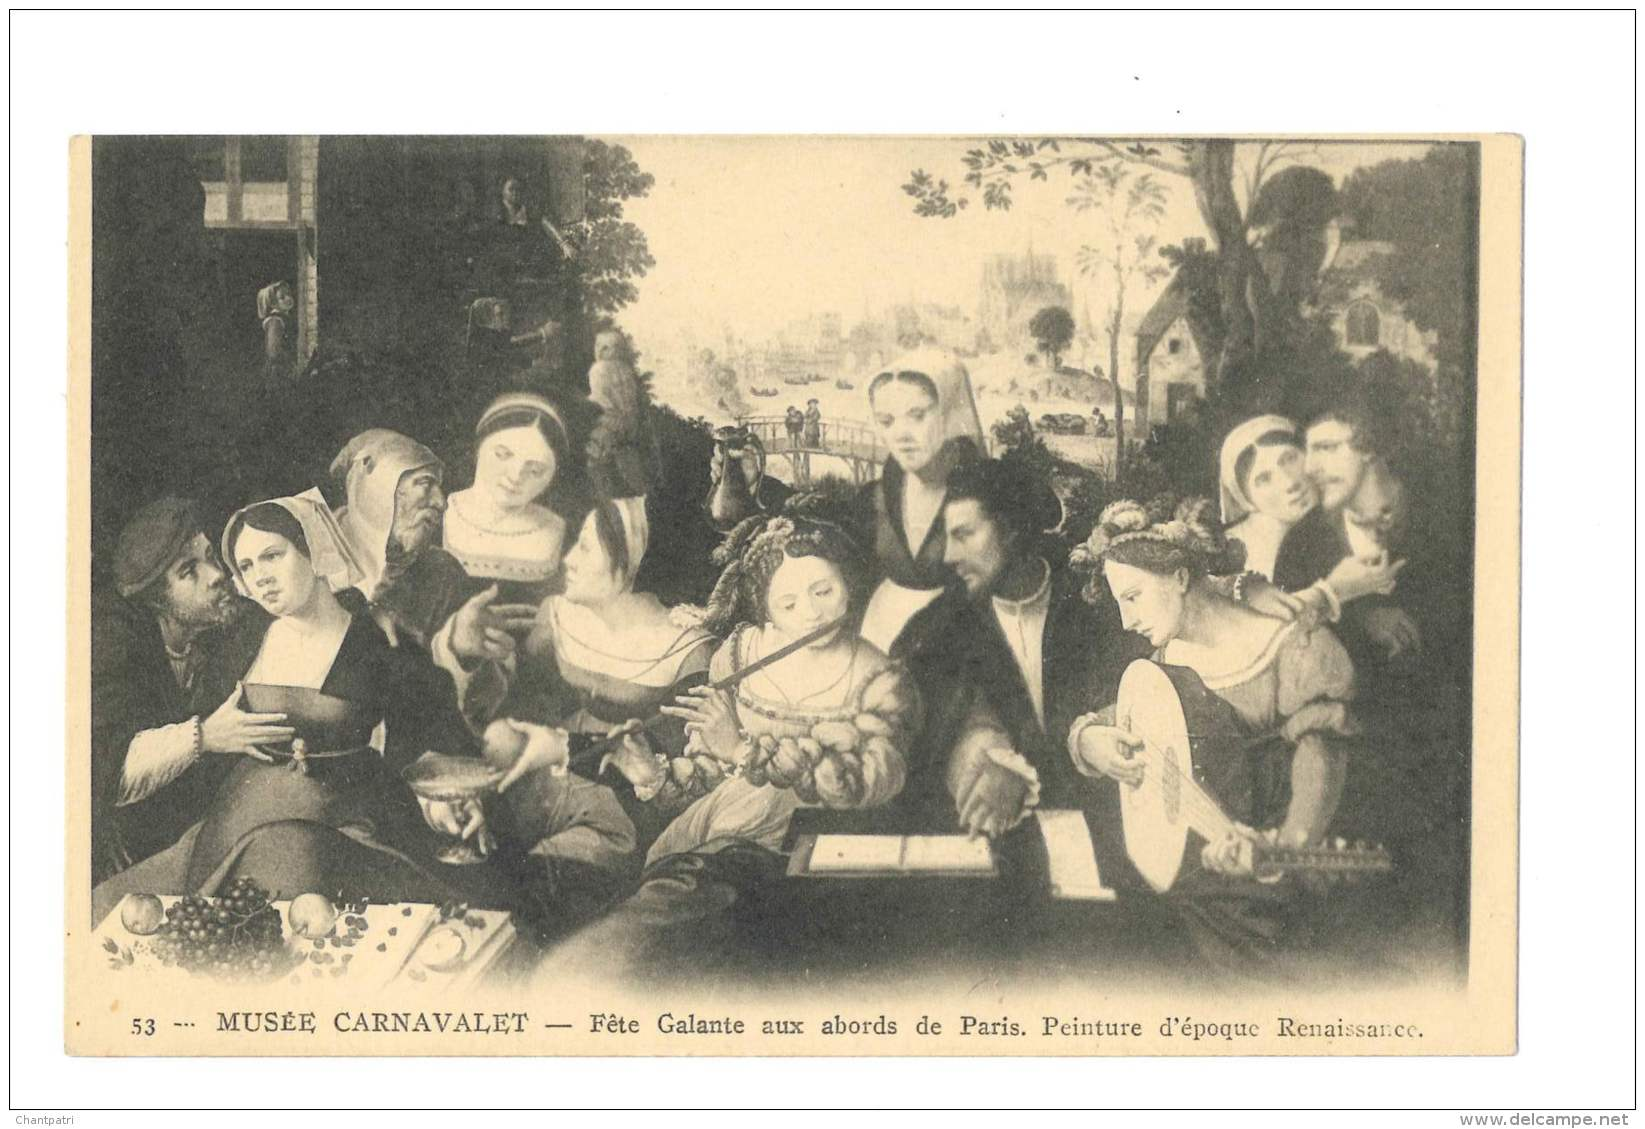 Musée Carnavalet - Fête Galante Aux Abords De Paris - Peinture D'époque Renaissance - 2916 - Peintures & Tableaux